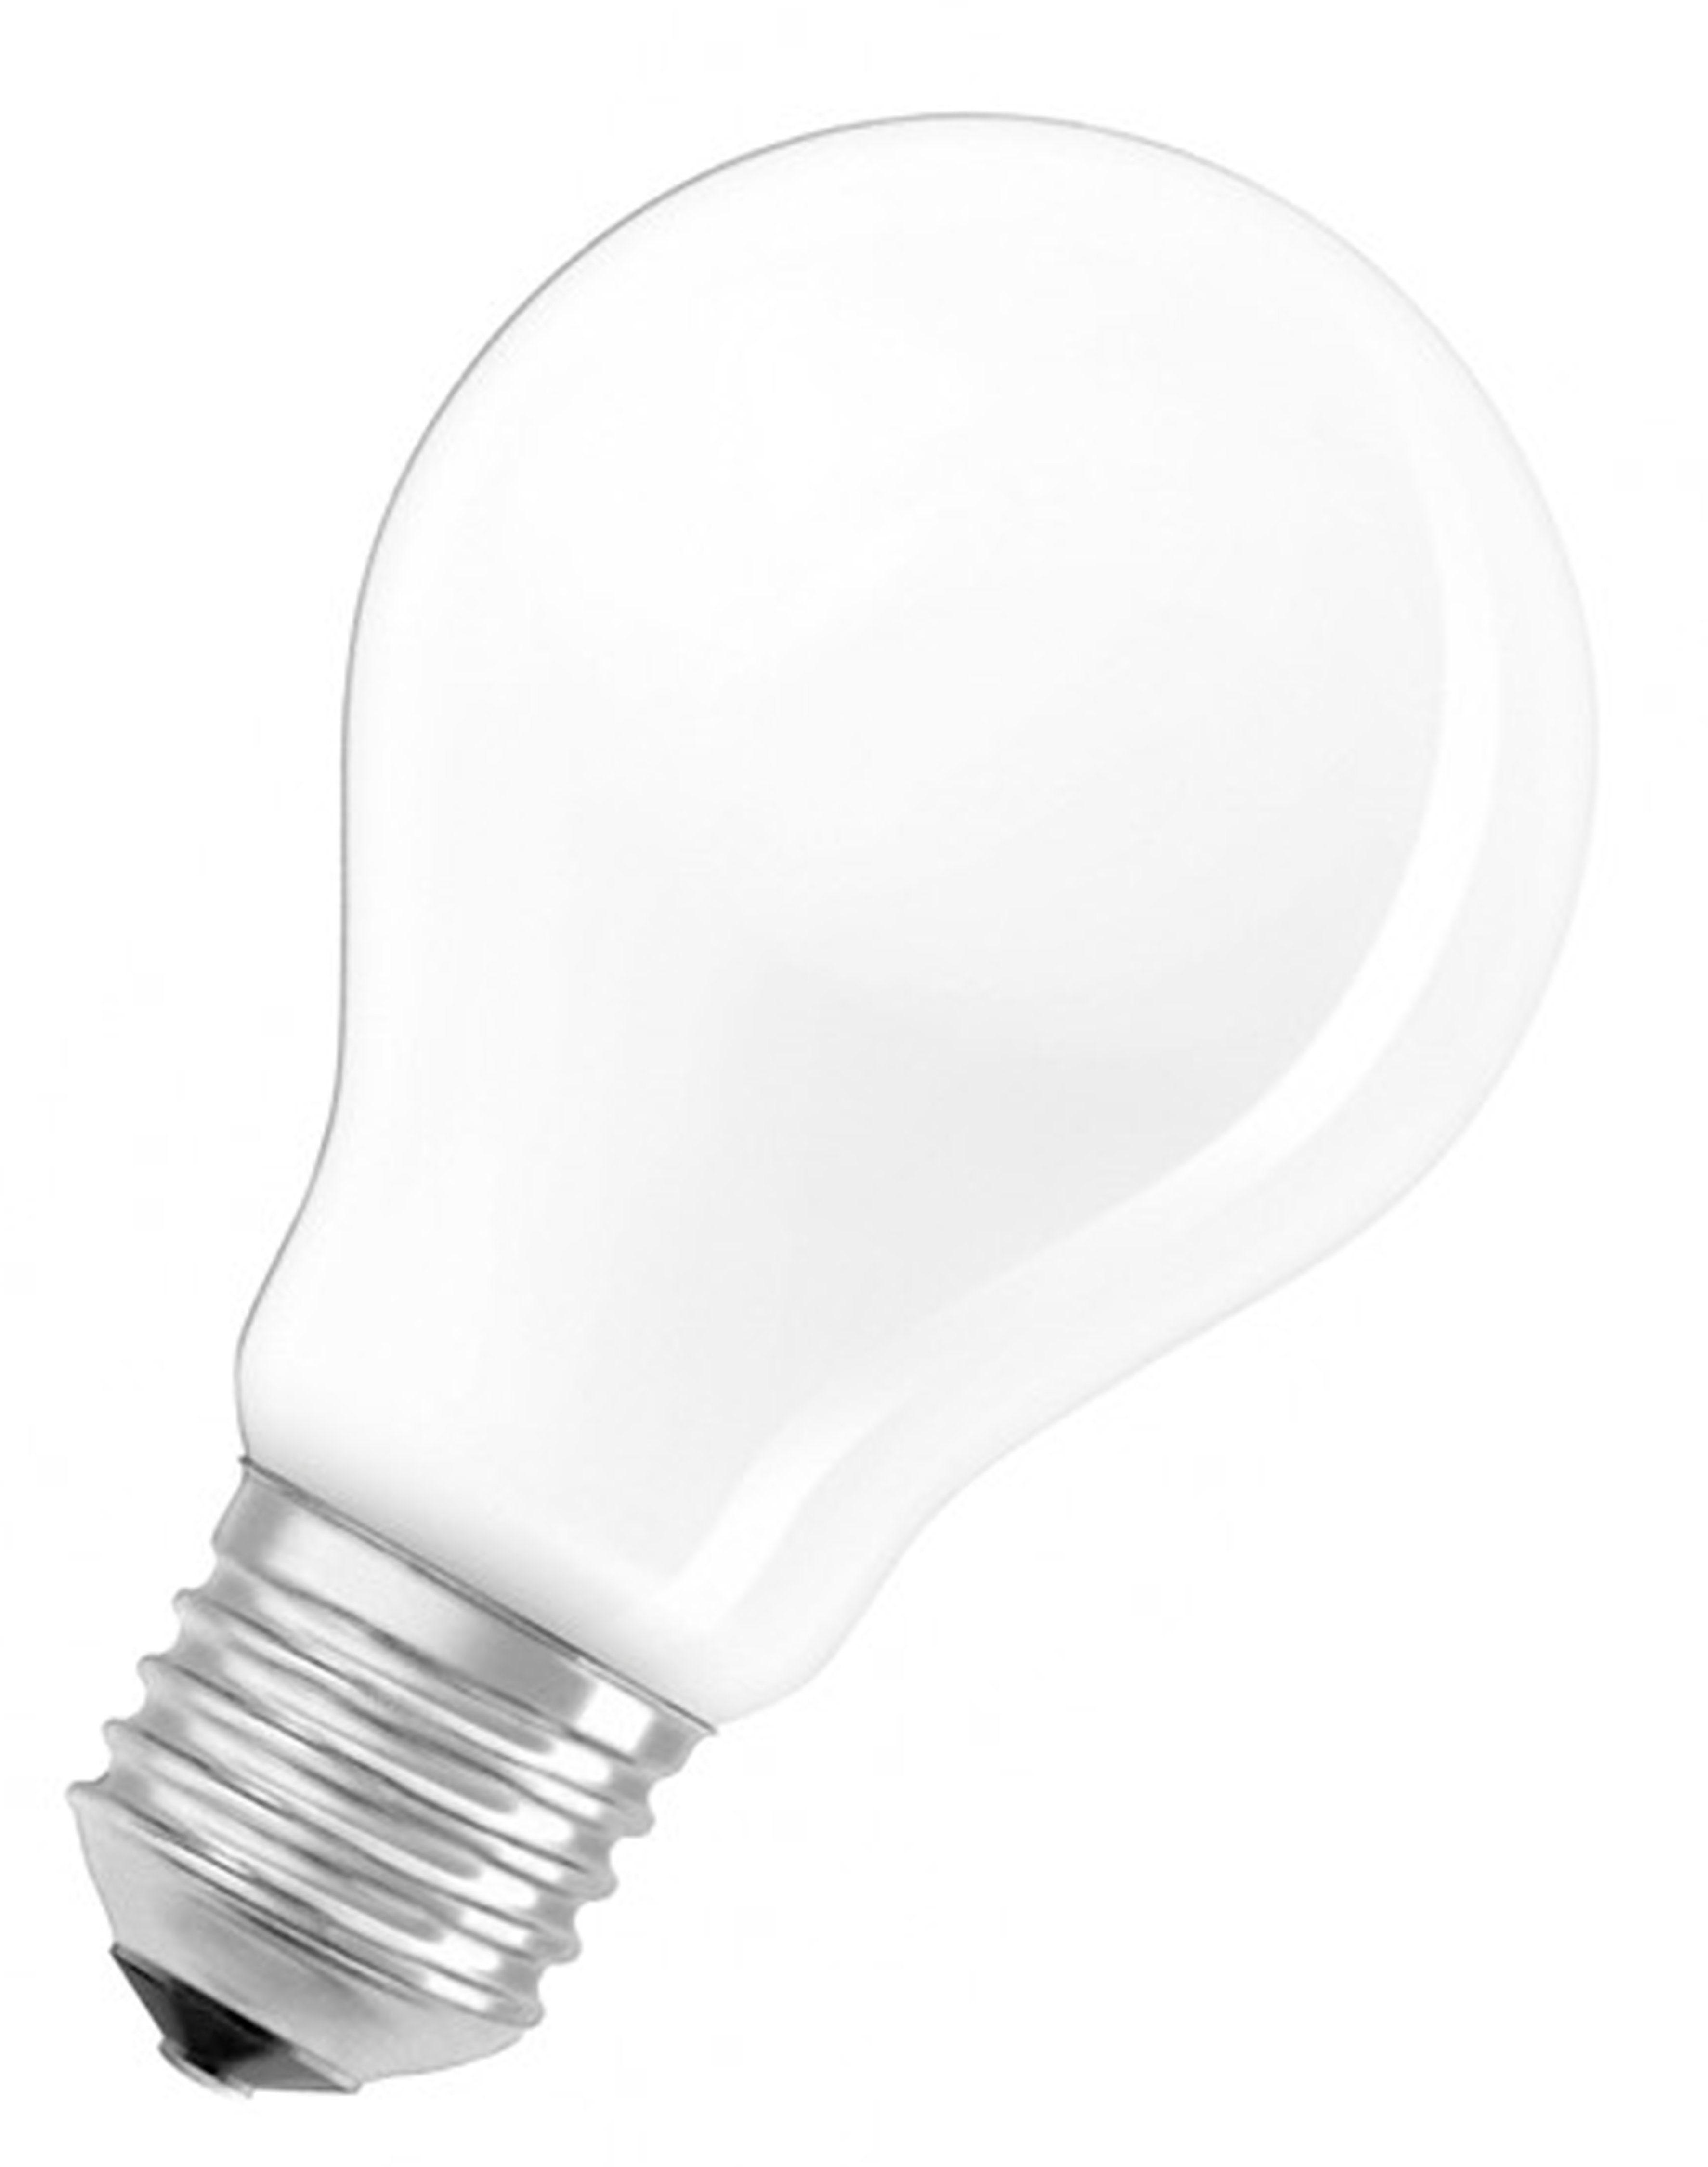 Osram LED Retrofit CLASSIC A Dim - Dimmbare LED-Lampe »SST CLAS A 75 DIM 8.5 W/827 E27 N/A«